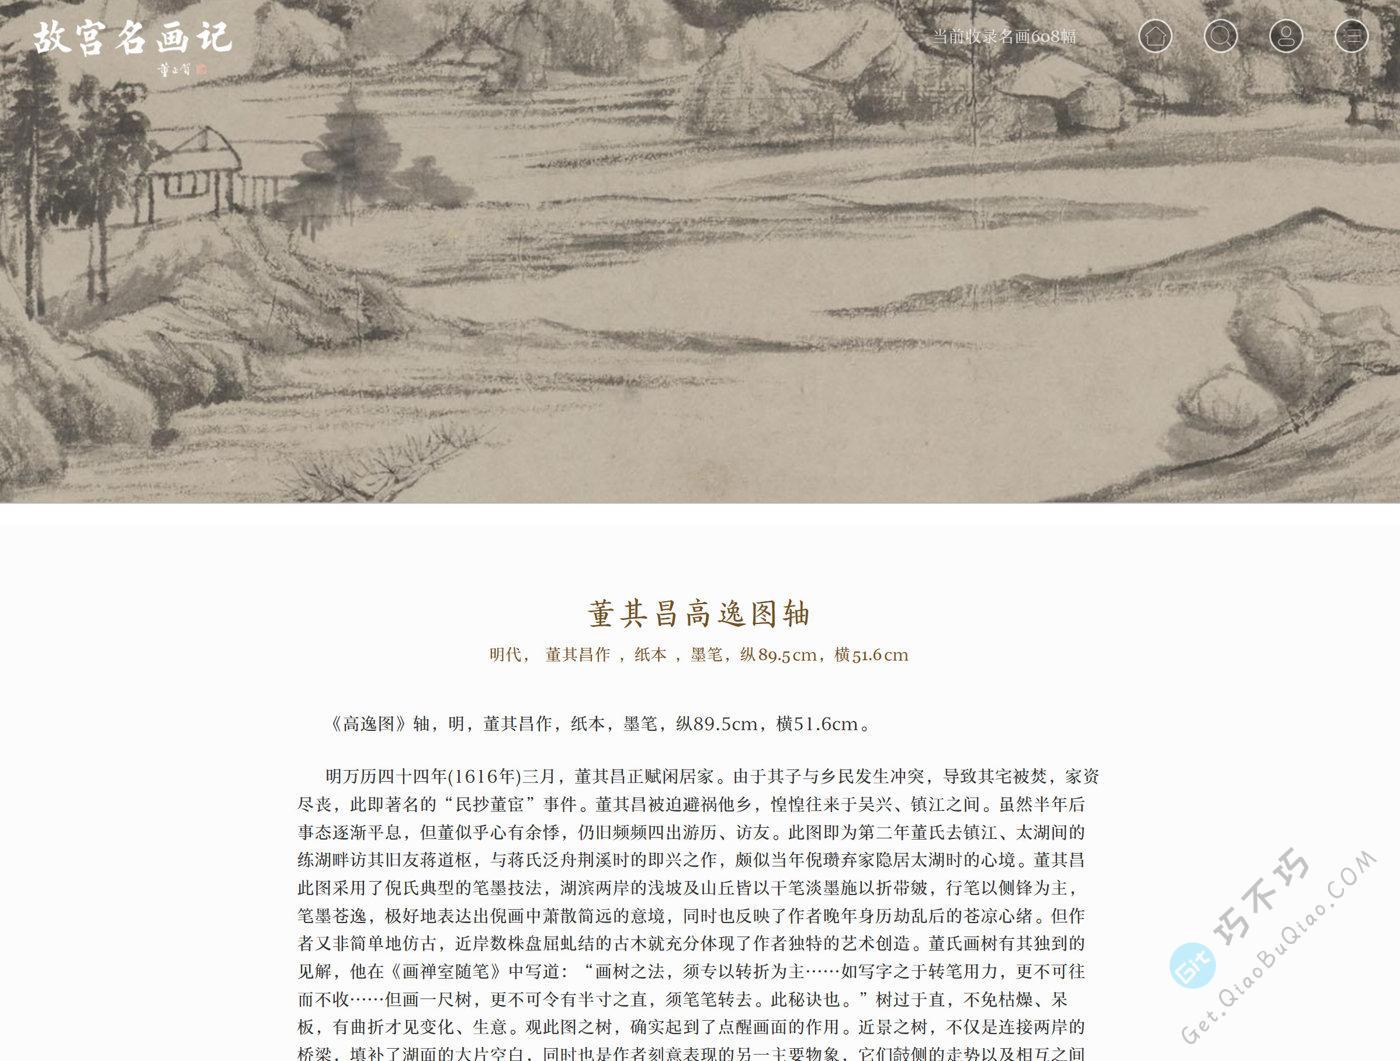 高清故宫、国画、古典壁纸,将历史的韵美收藏到自己的电脑和手机